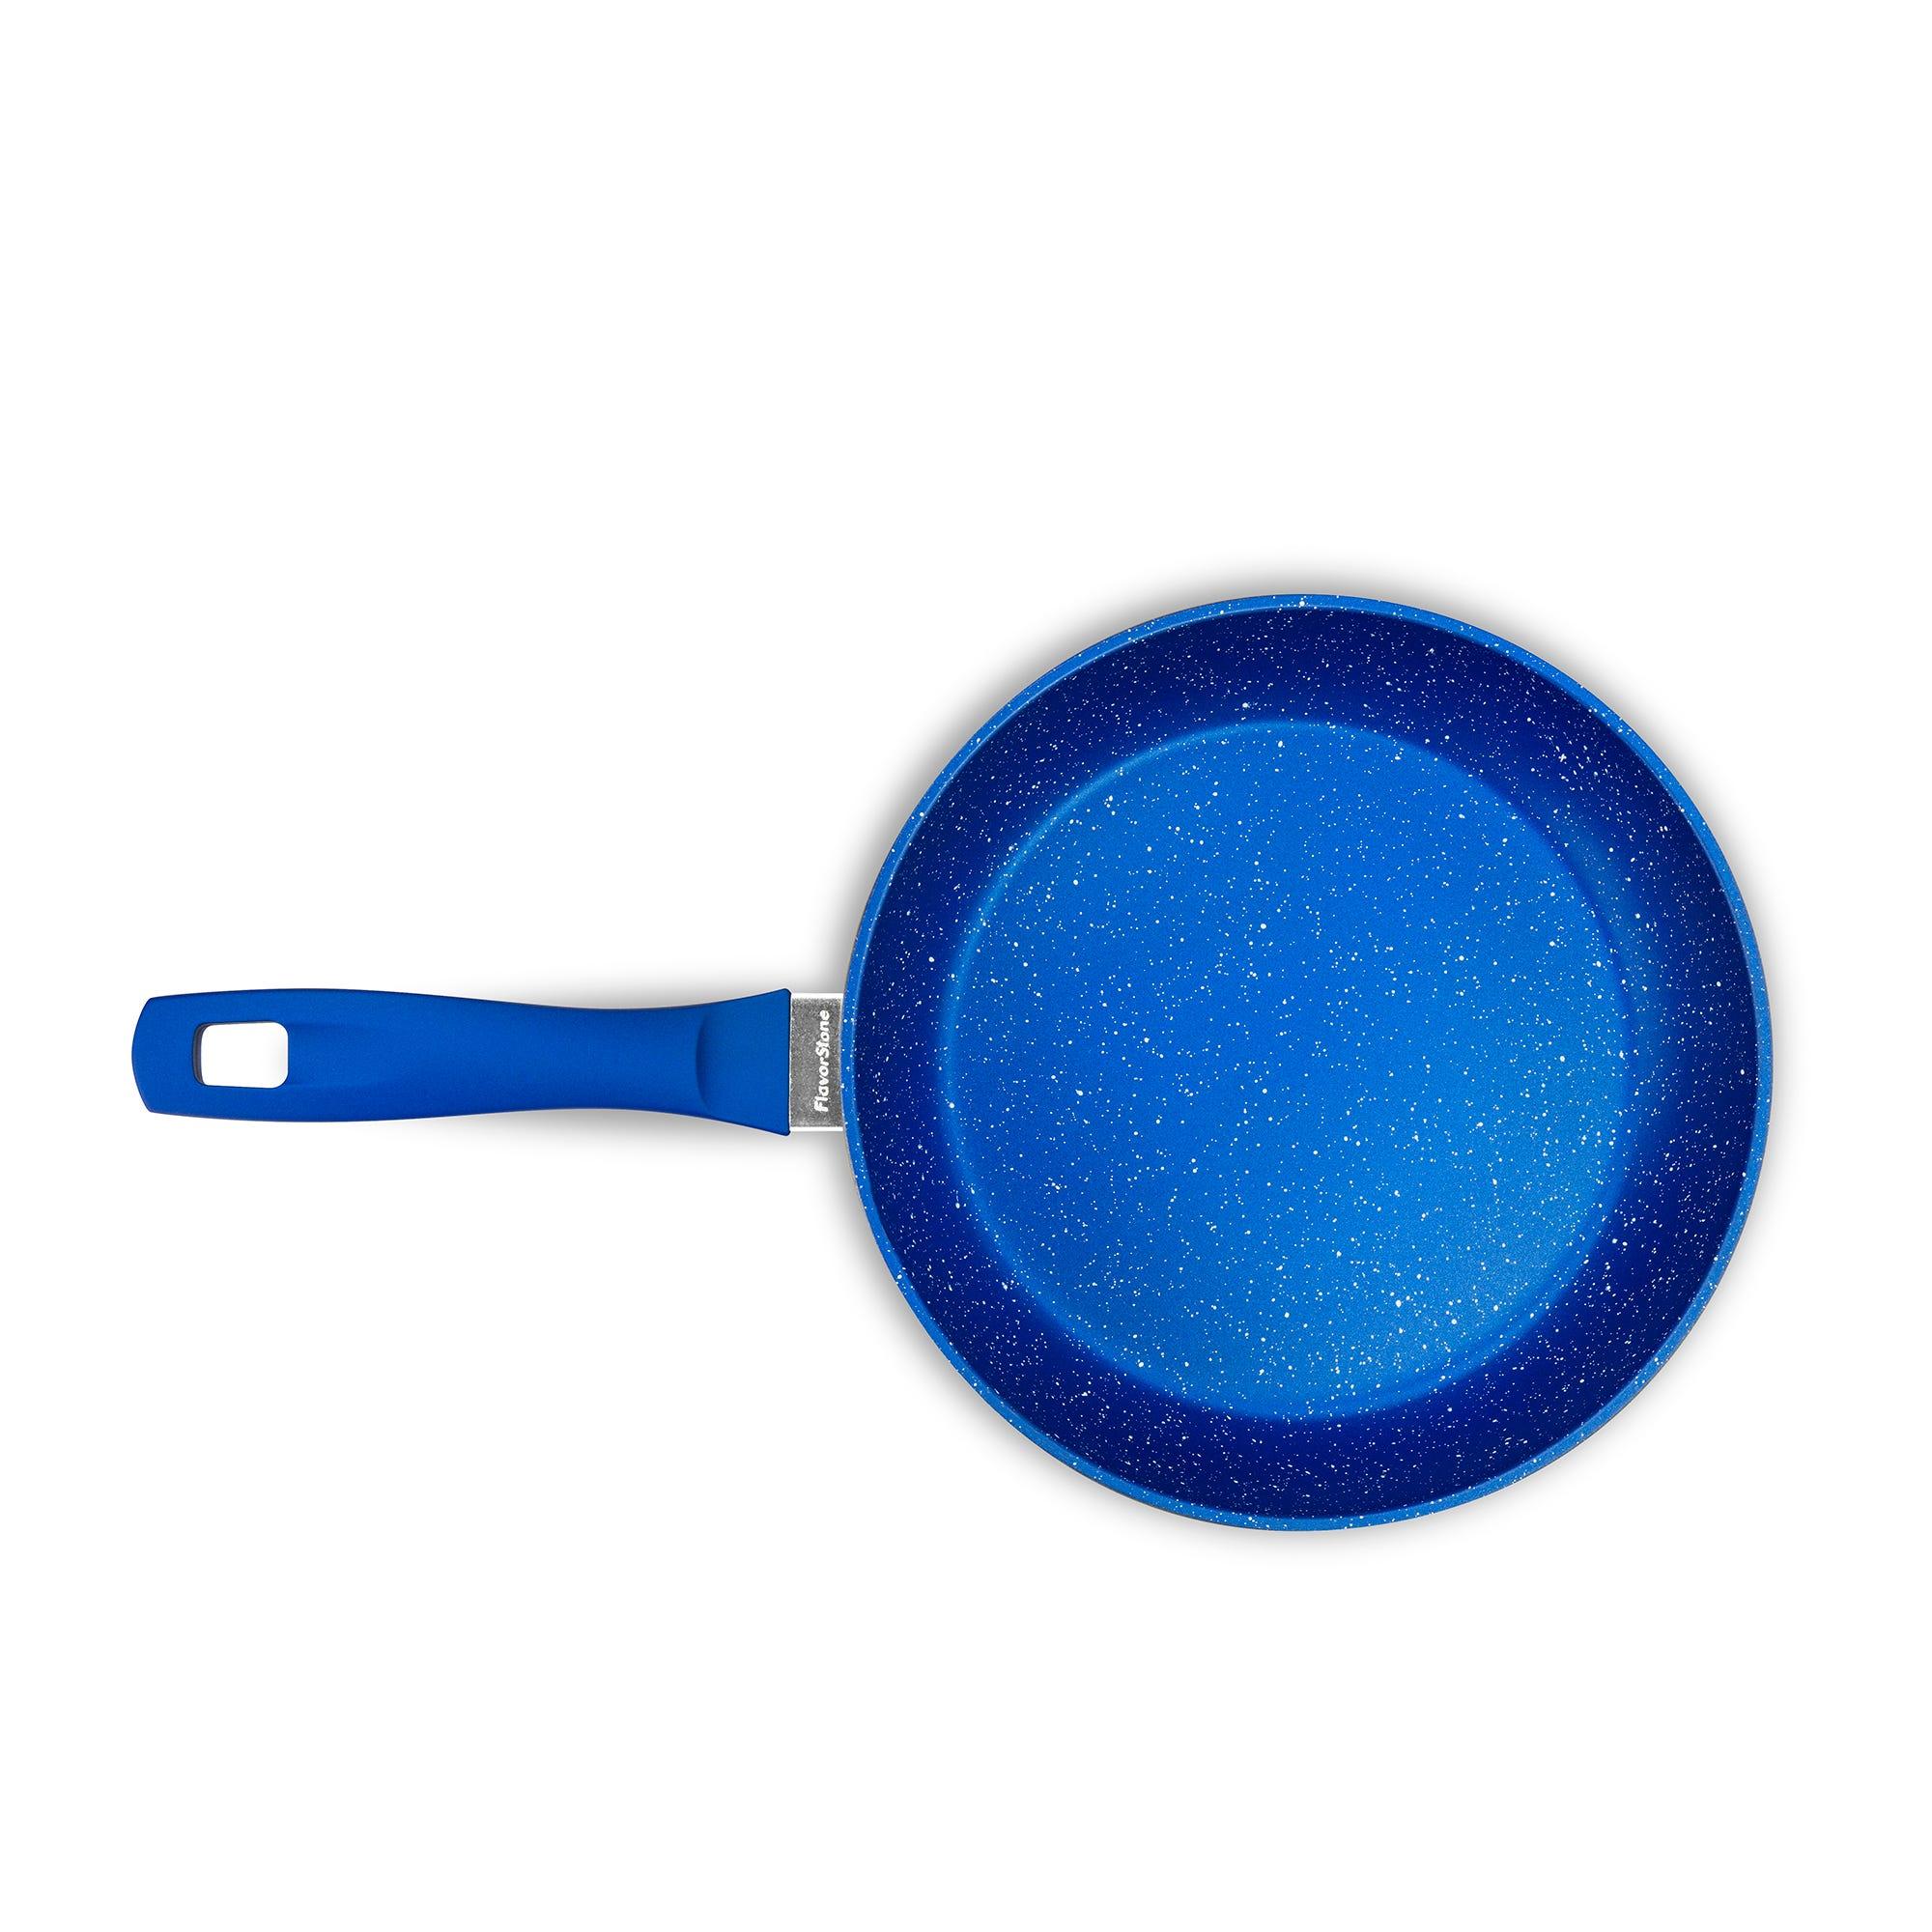 Sartén individual Flavor Stone de 24 cm color azul